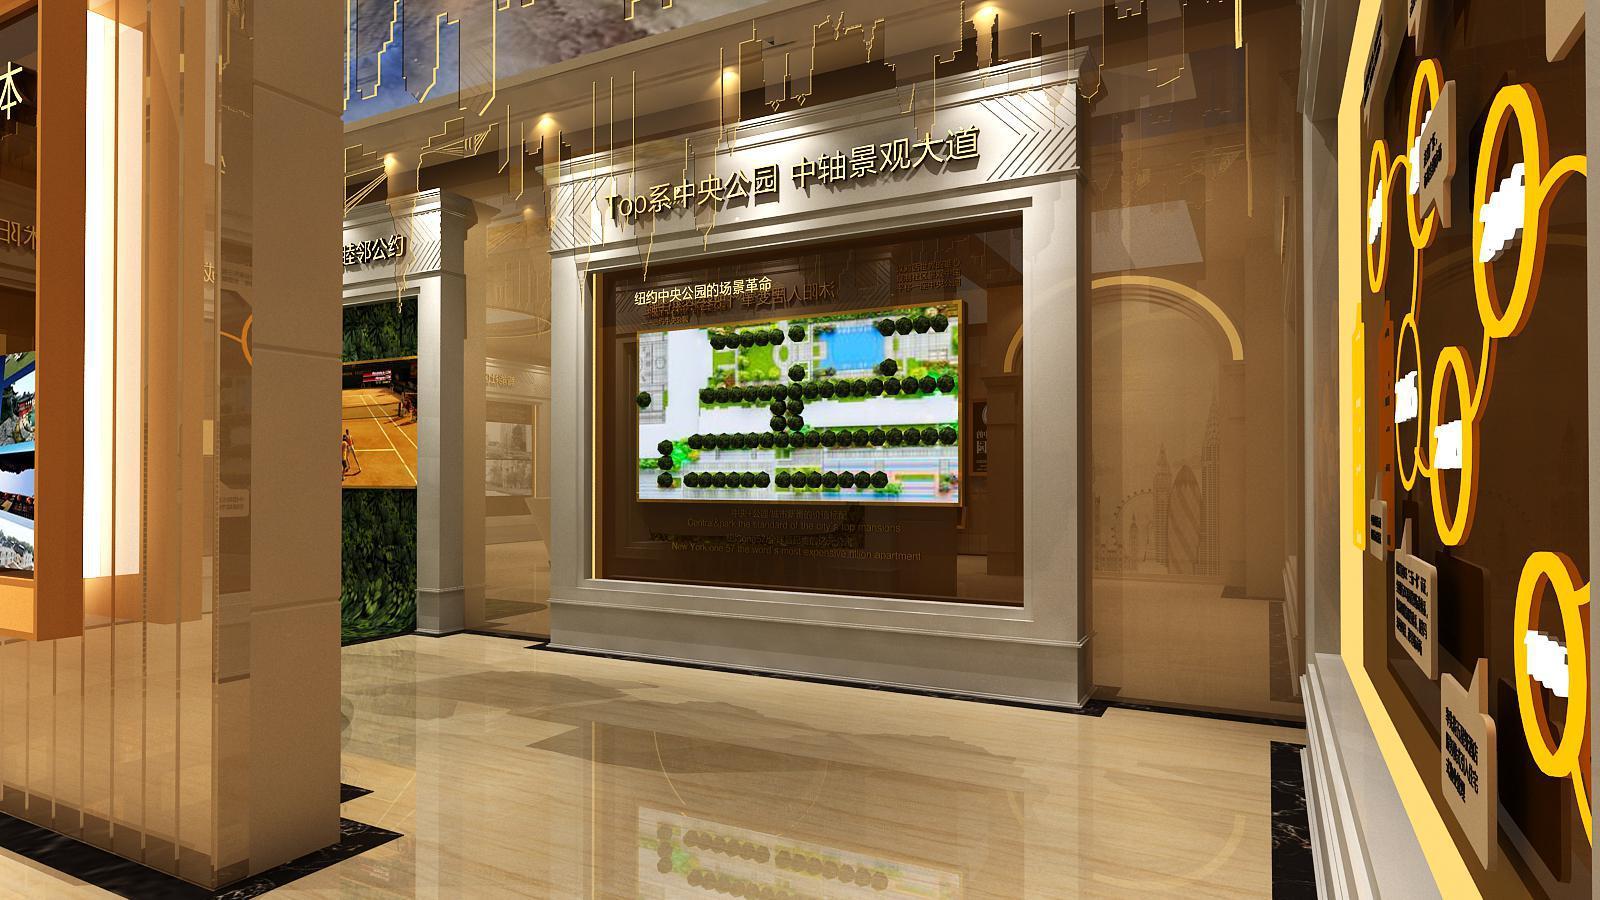 碧桂园新城体验馆设计方案之墙面造型设计